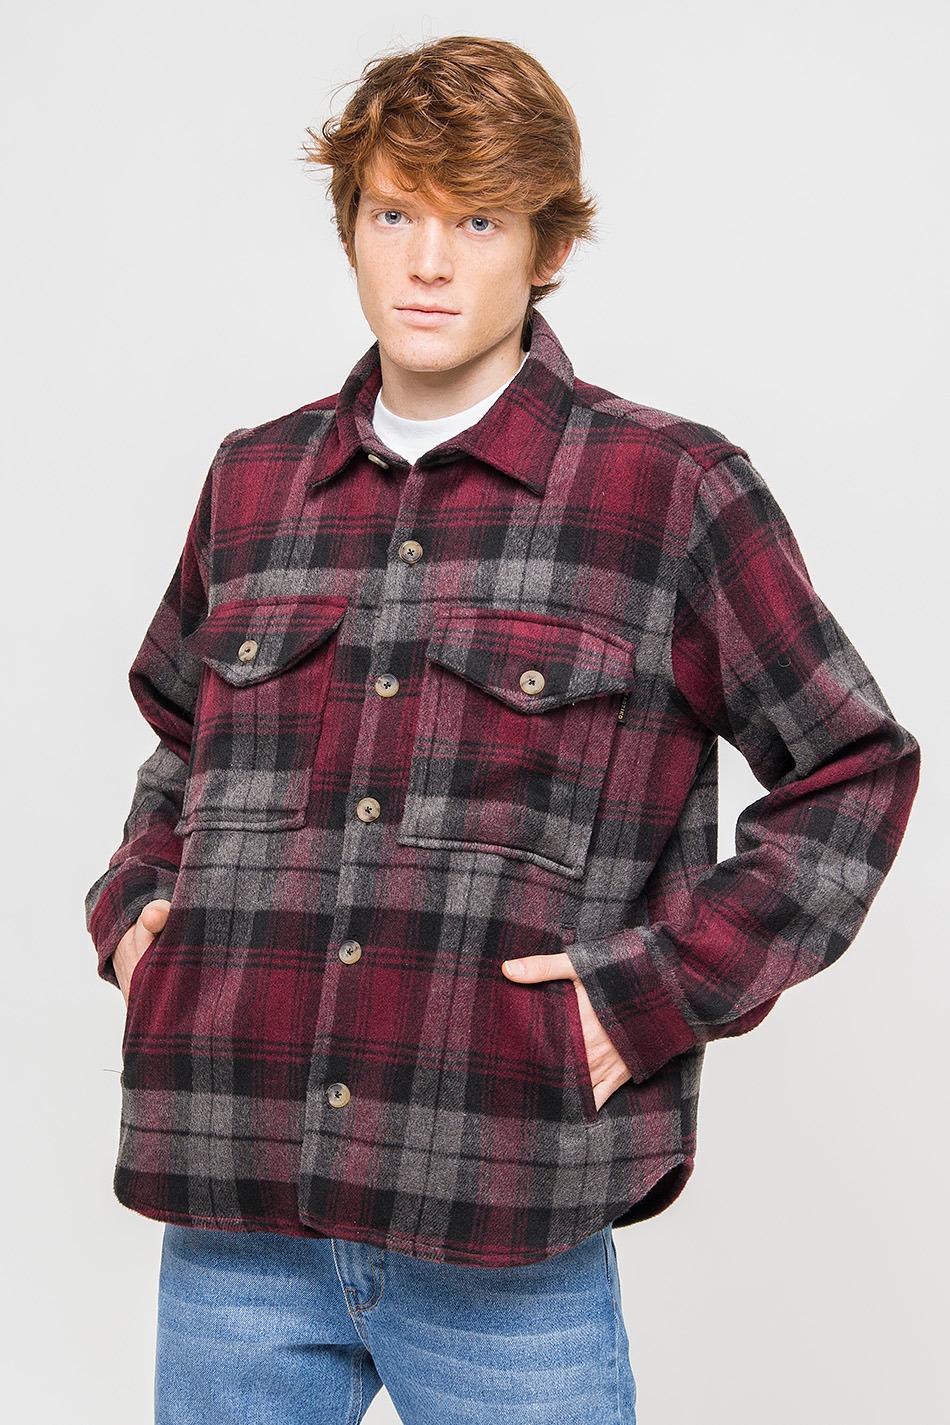 Garnet Tartan Shirt